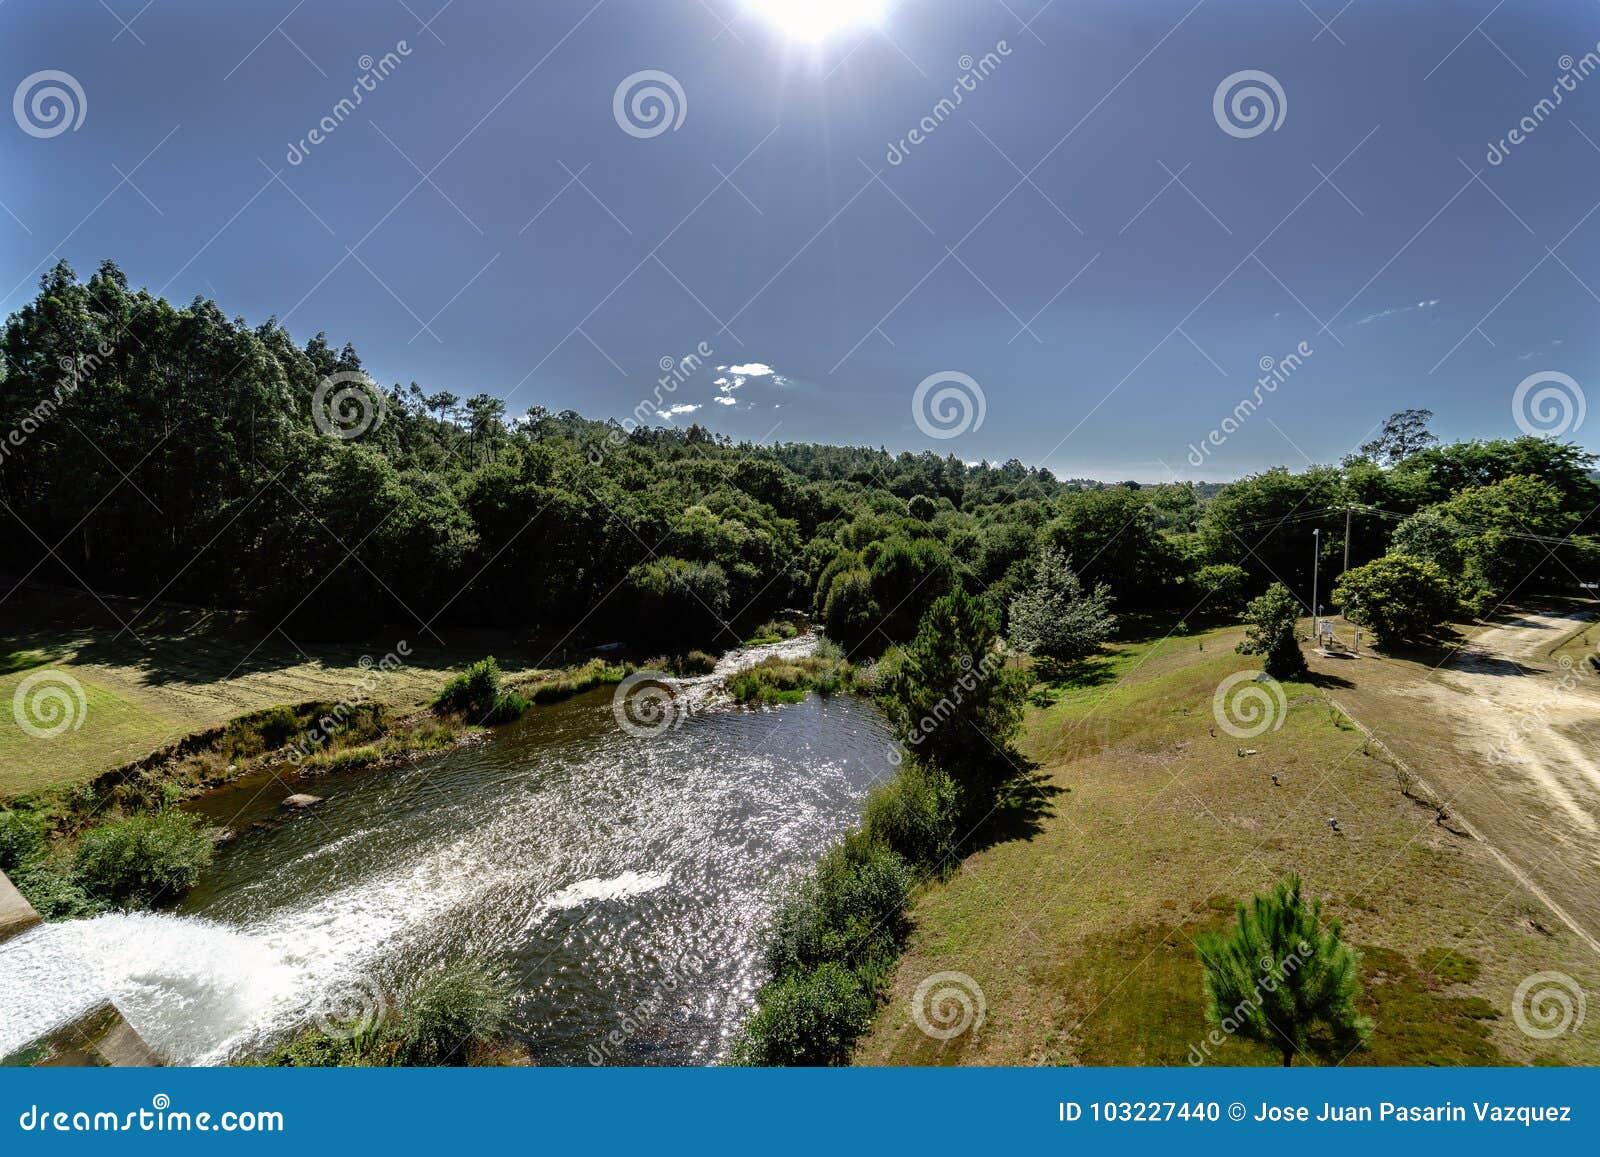 Vista de um rio da Espanha de Galiza e drenagem de um reservatório visto da parte superior da represa